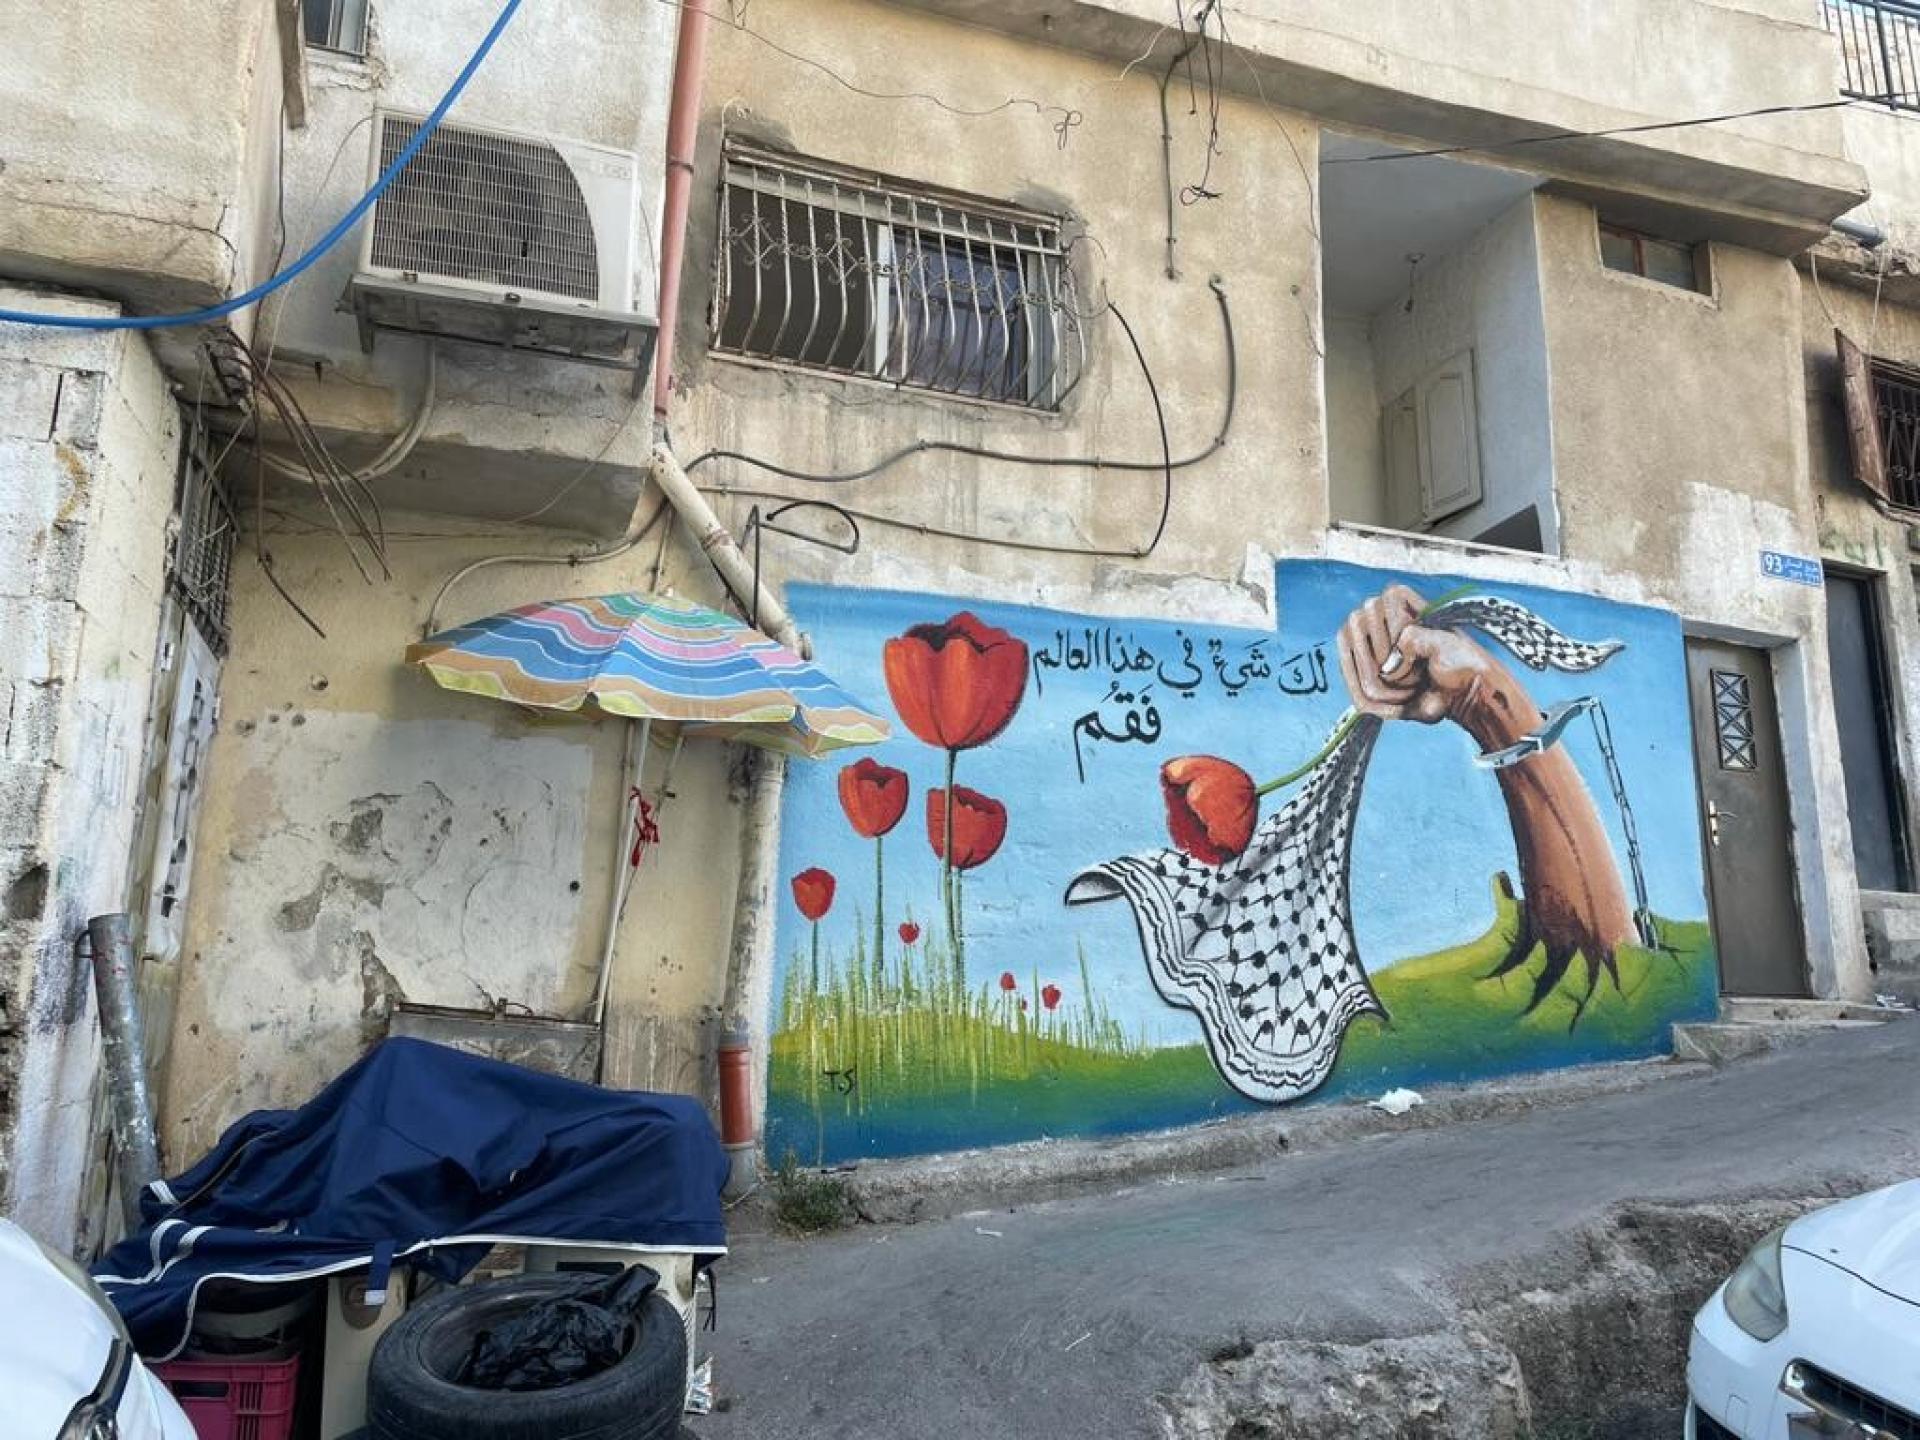 גרפיטי על קיר בית בשכונת הבוסתן, תמונת יד כבולה בשלשלאות מגיחה מן האדמה ואוחזת בכפייה ופרח פרג אדום